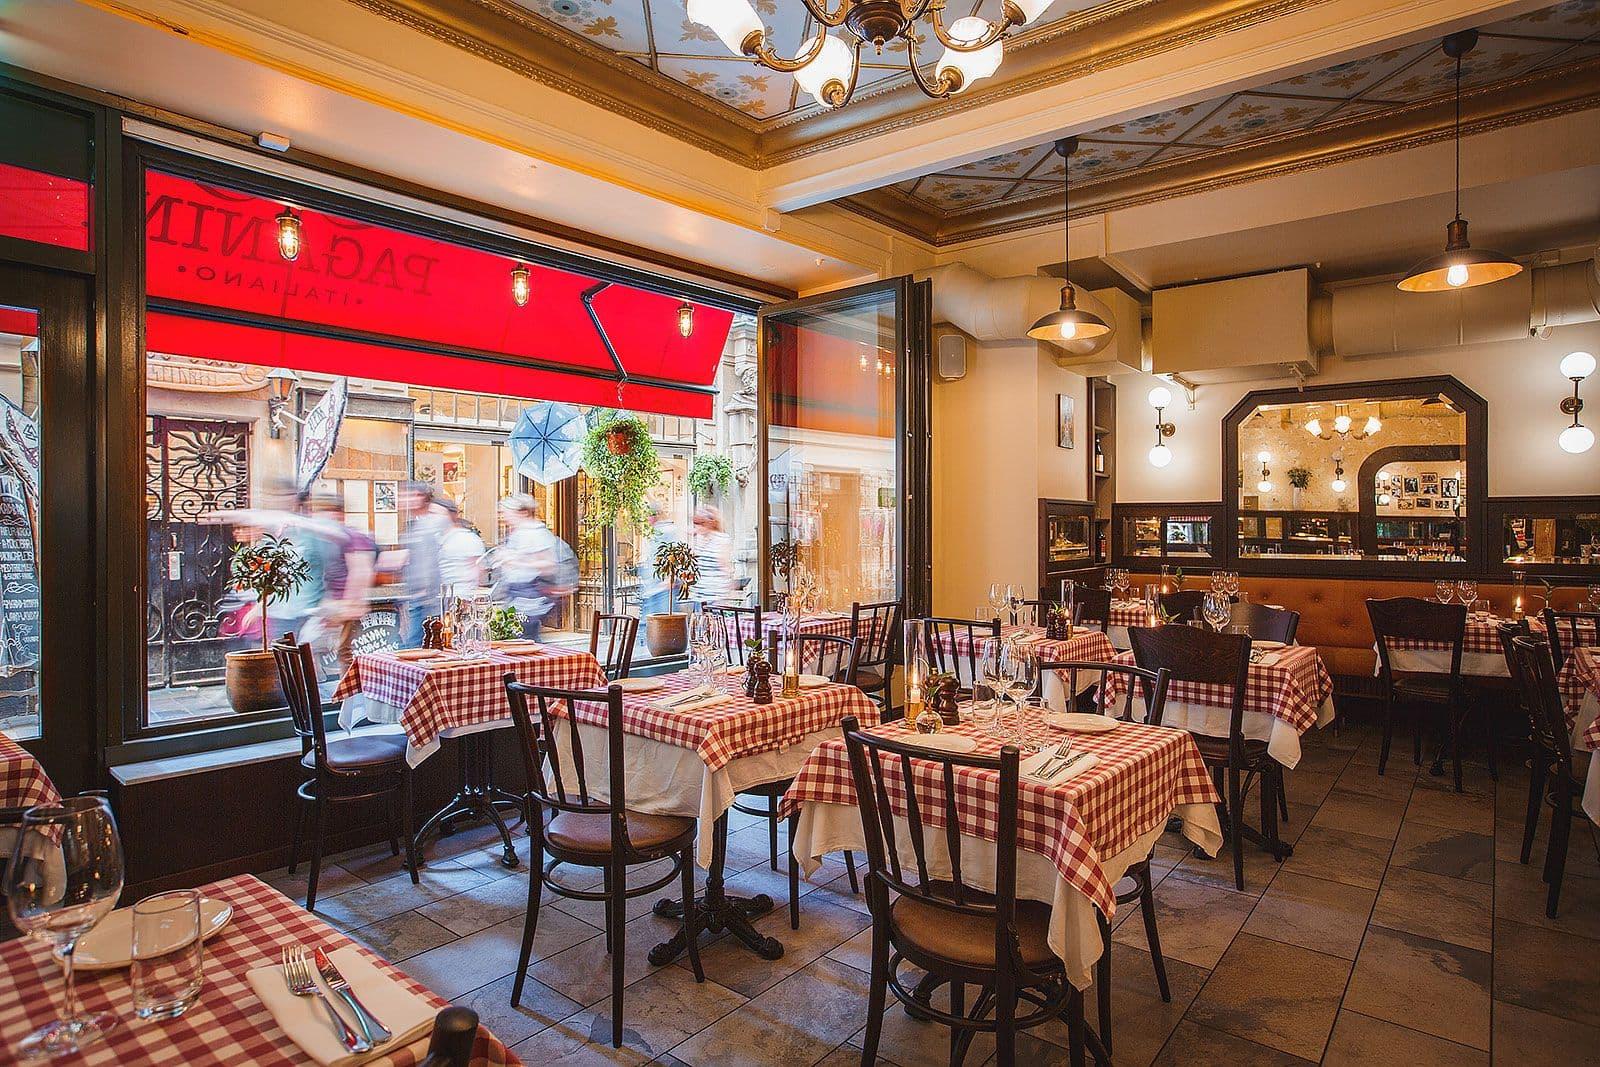 åsögatan italiensk restaurang